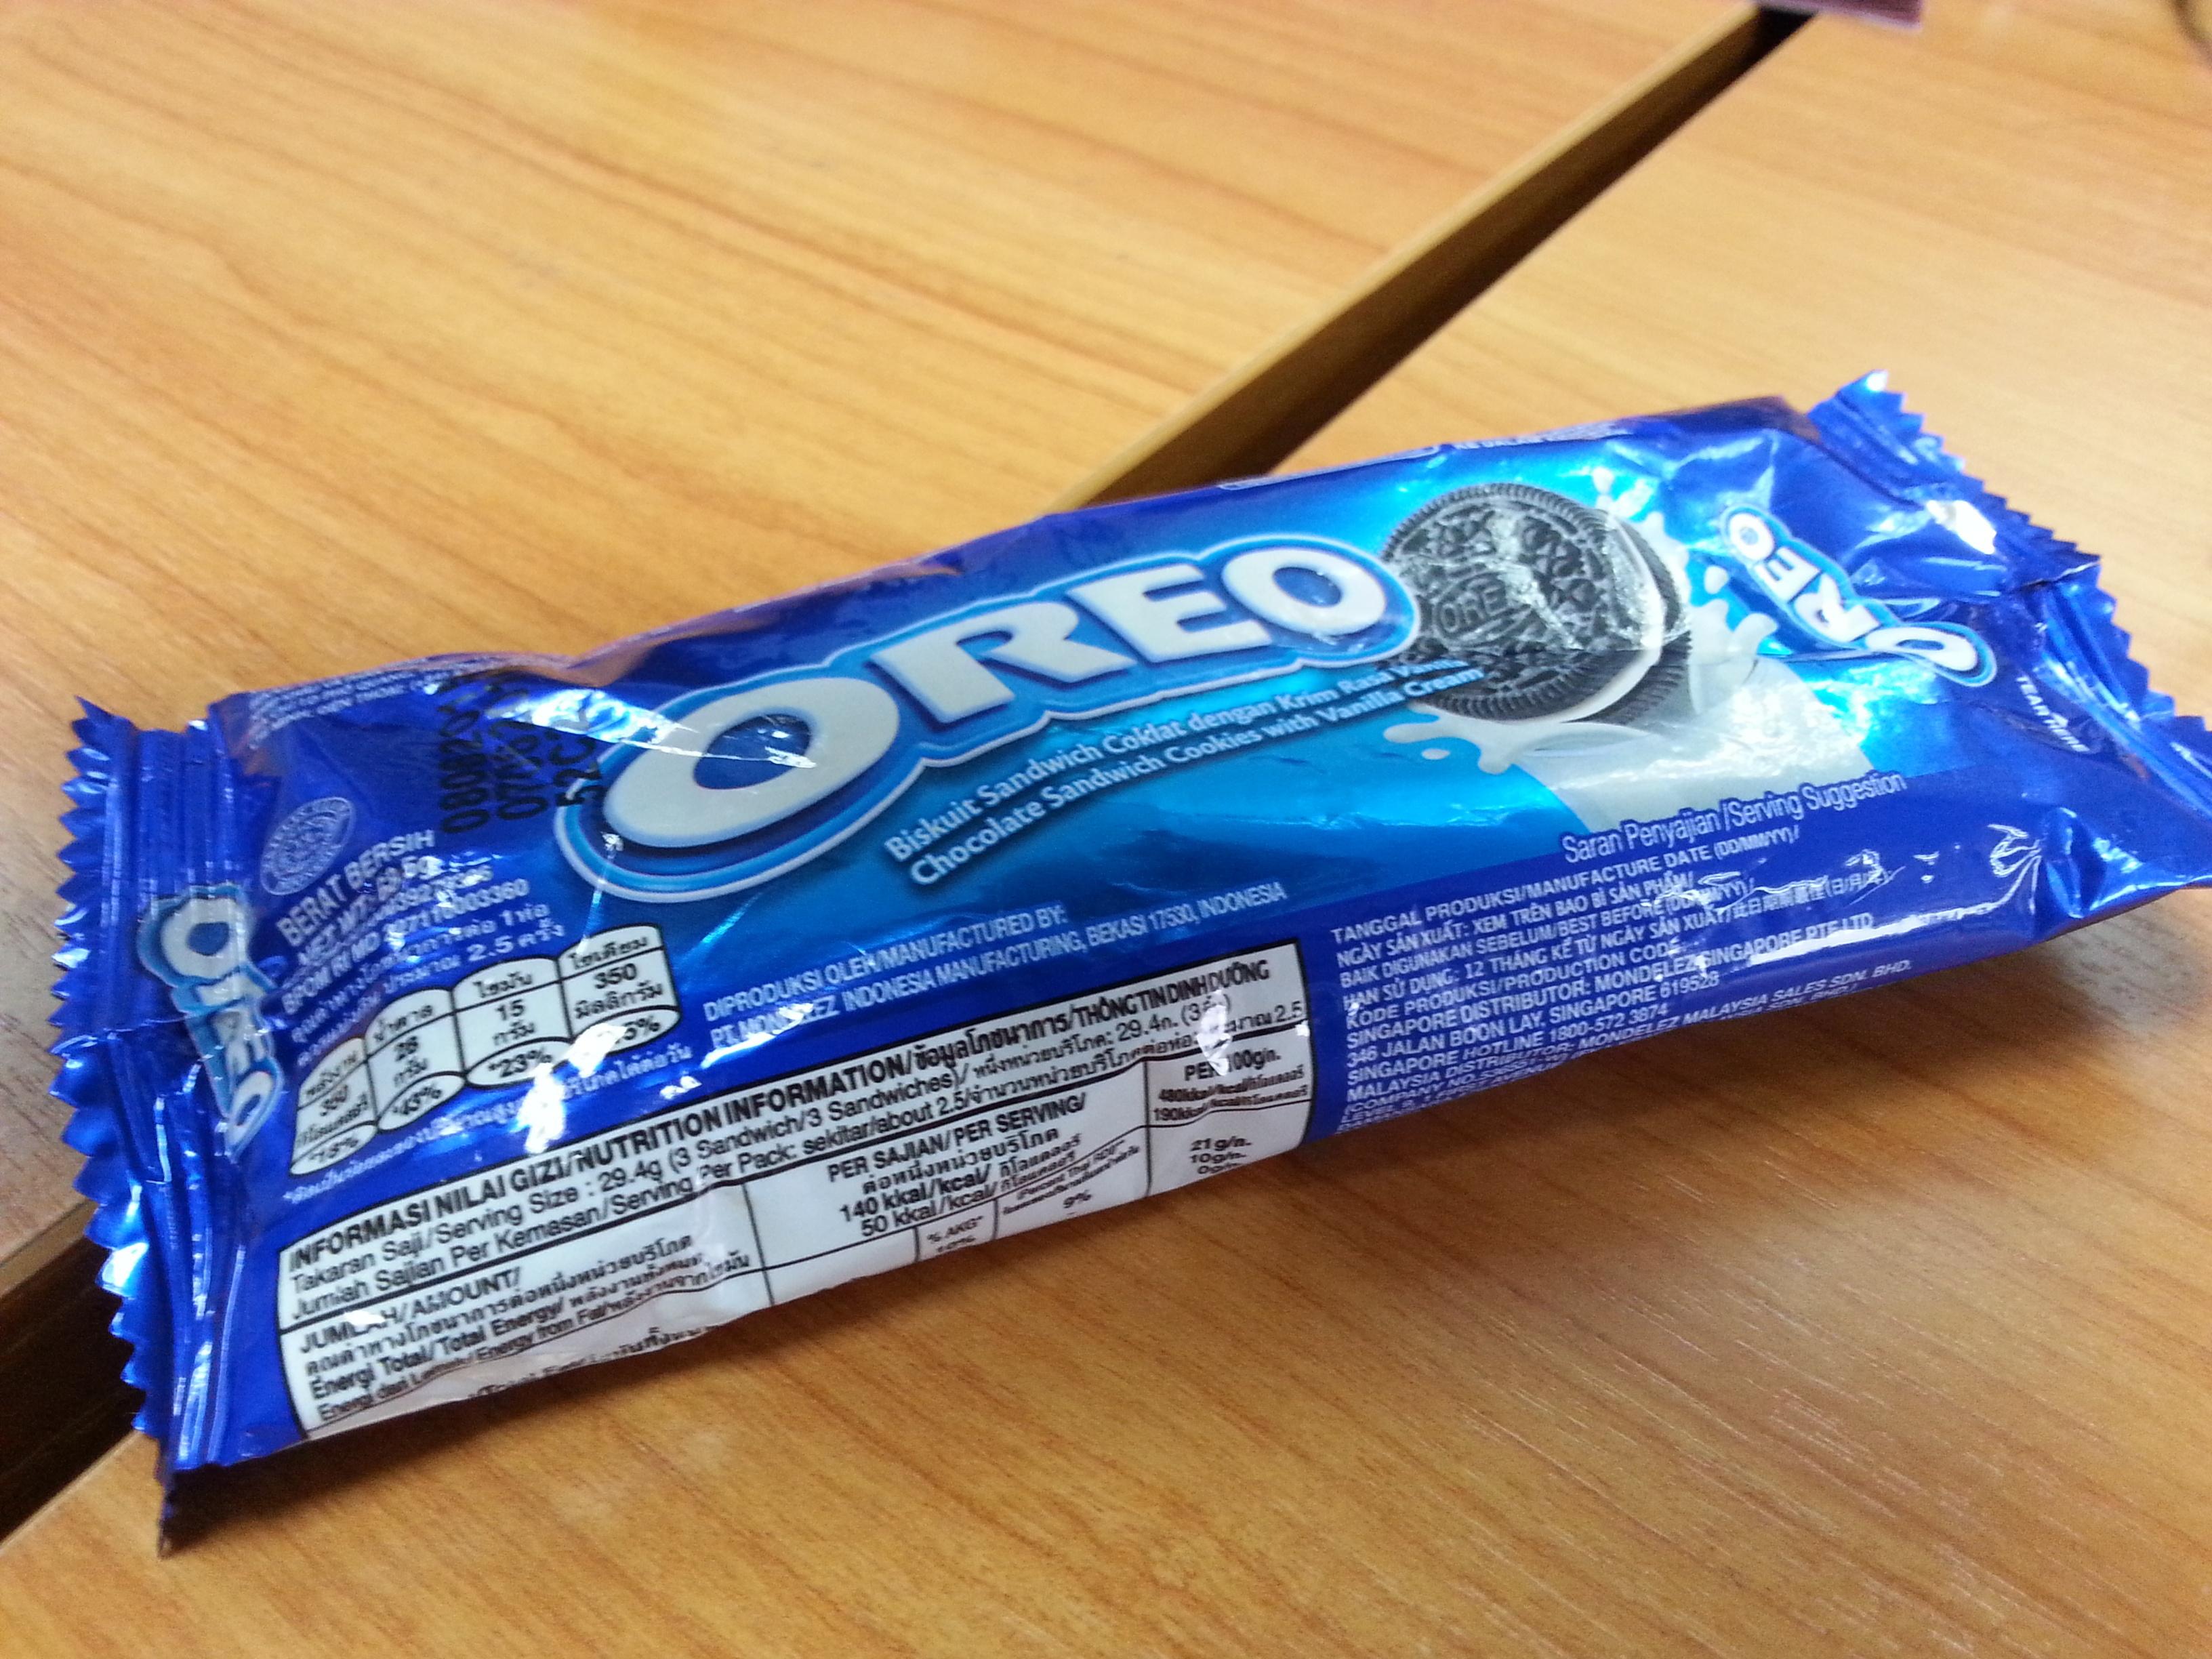 Oreo cookies - Product - en